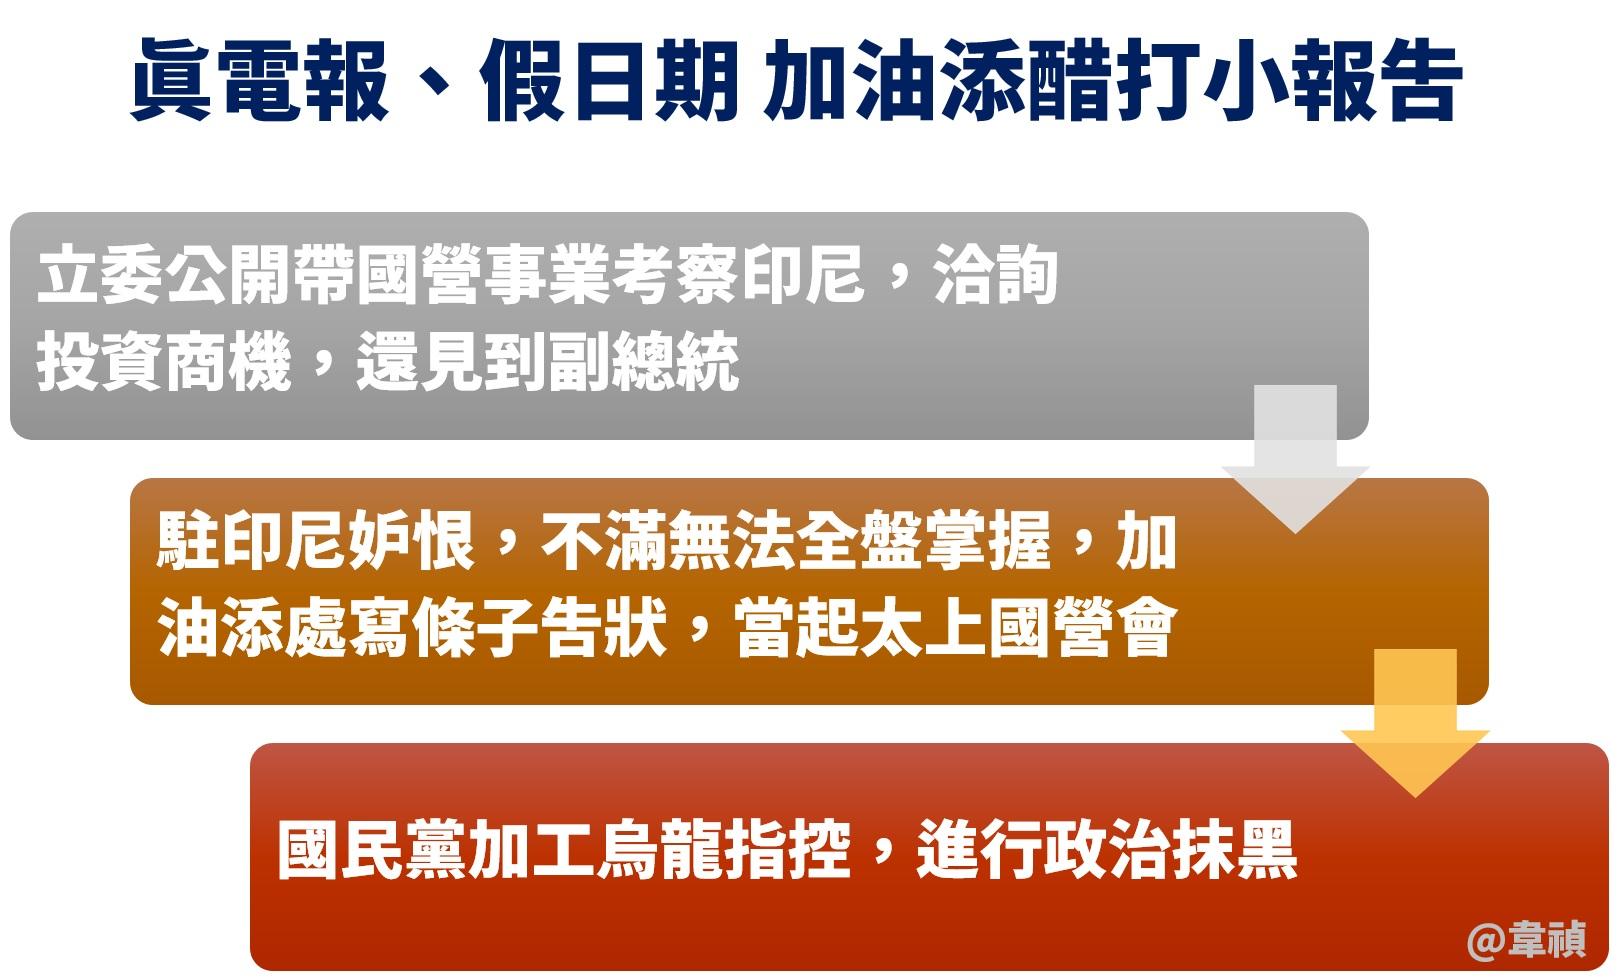 國民黨又造假日期 宇昌案第二